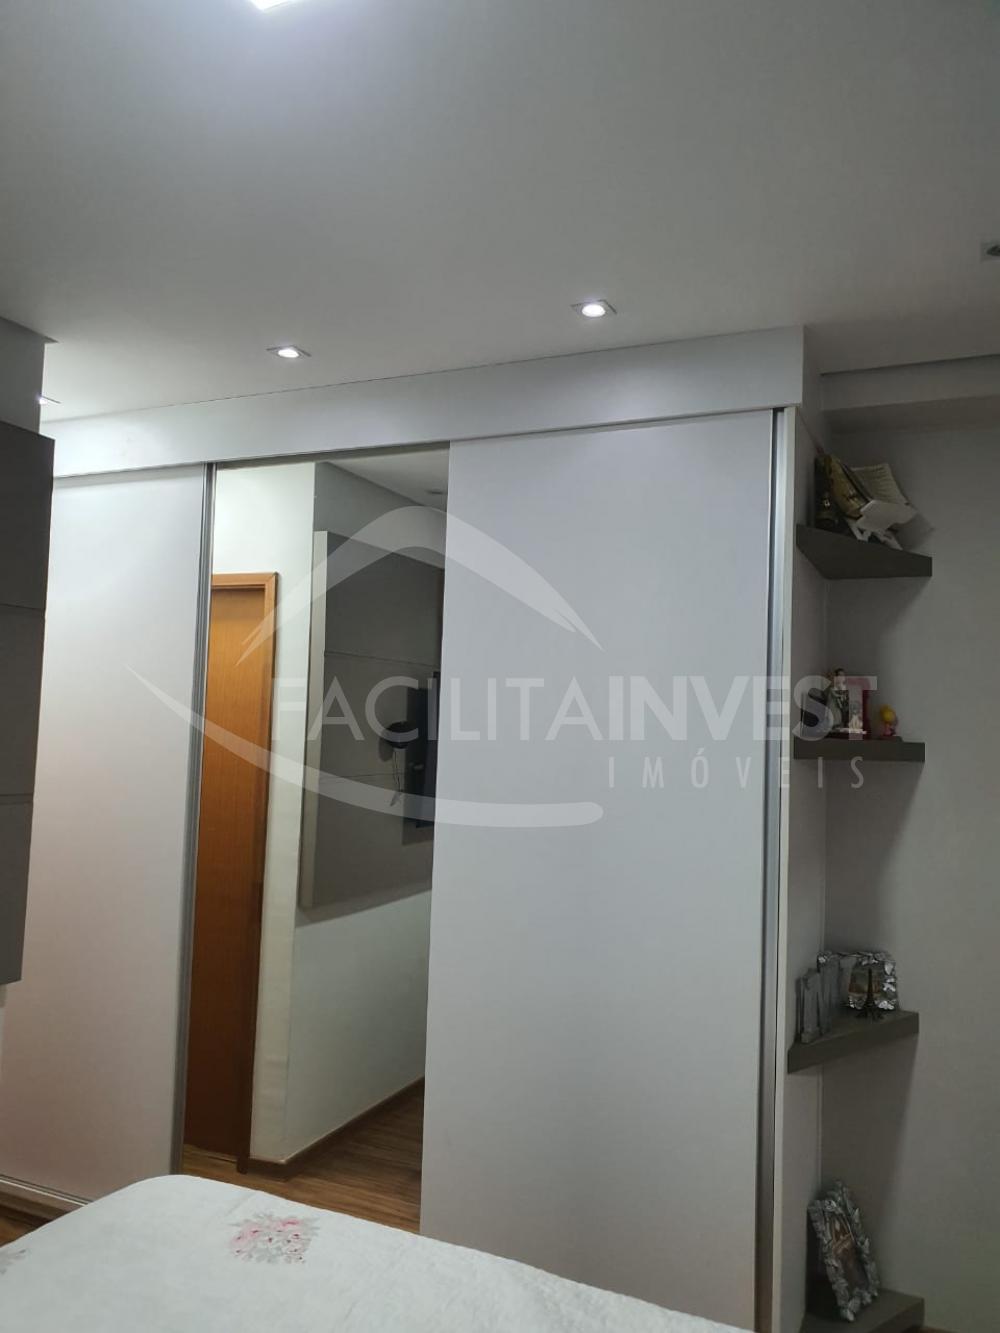 Comprar Apartamentos / Apart. Padrão em Ribeirão Preto apenas R$ 370.000,00 - Foto 19